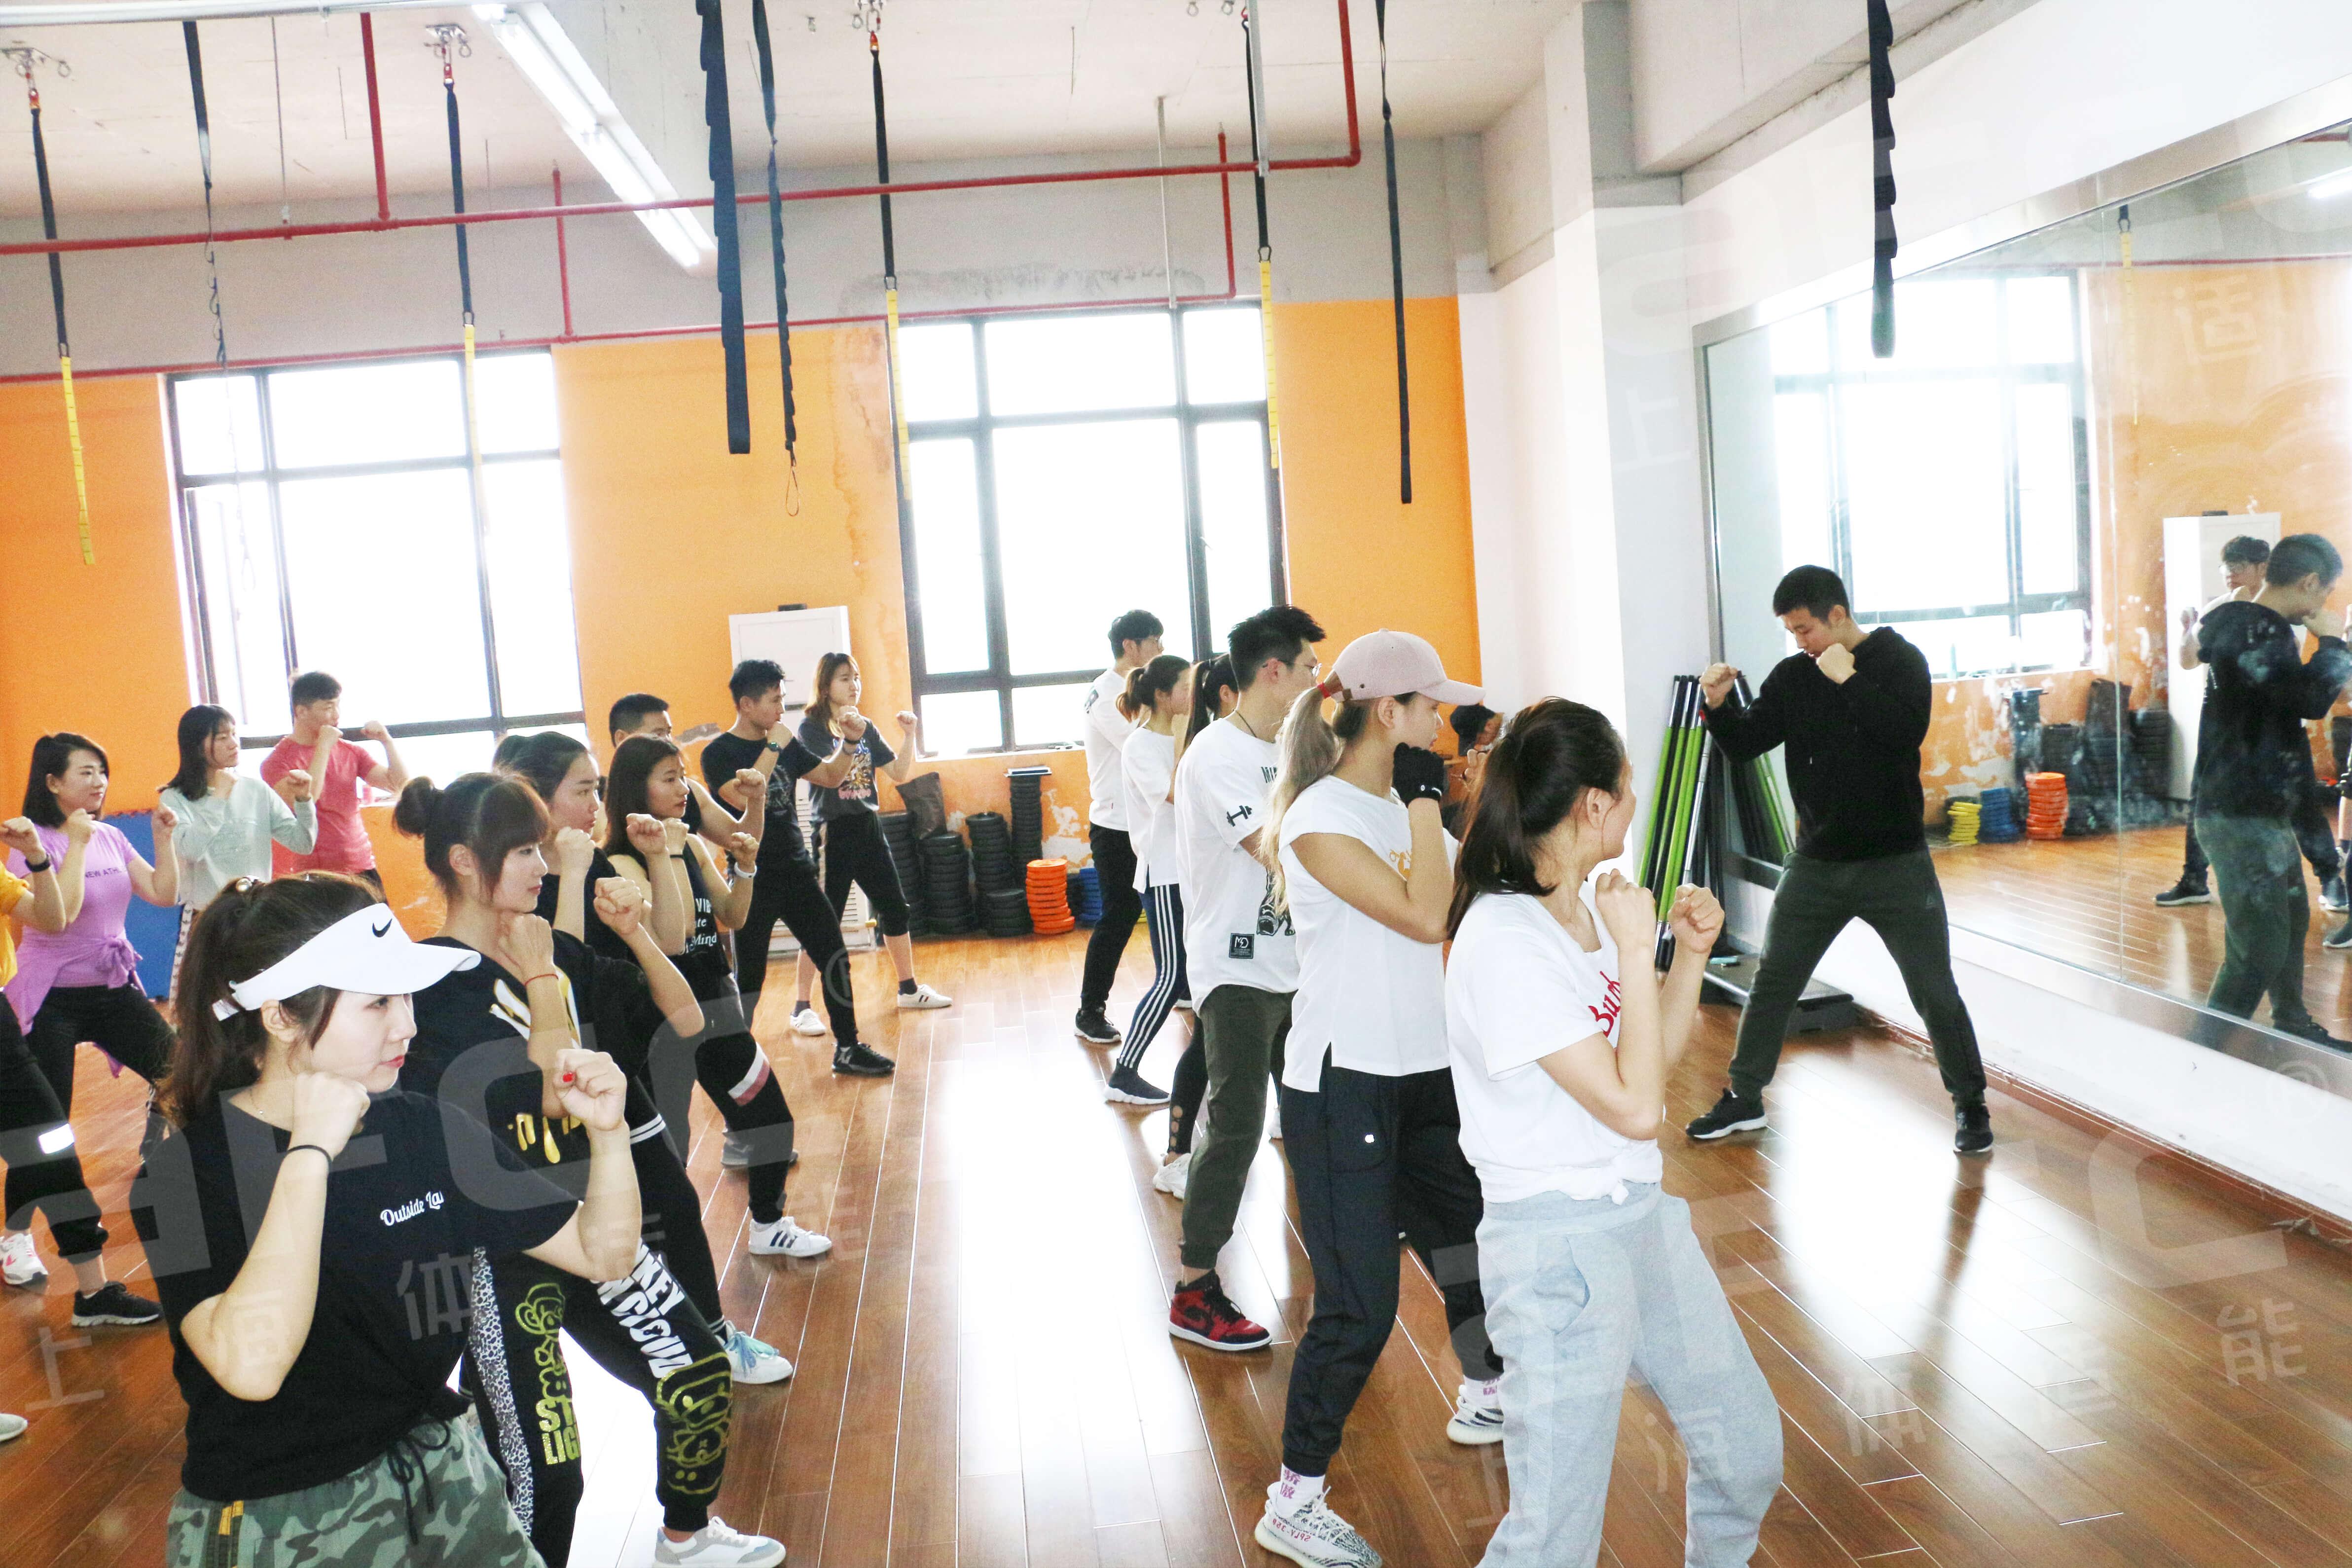 含搏击操技能鉴定证书,由国家体育总局指定培训机构颁发